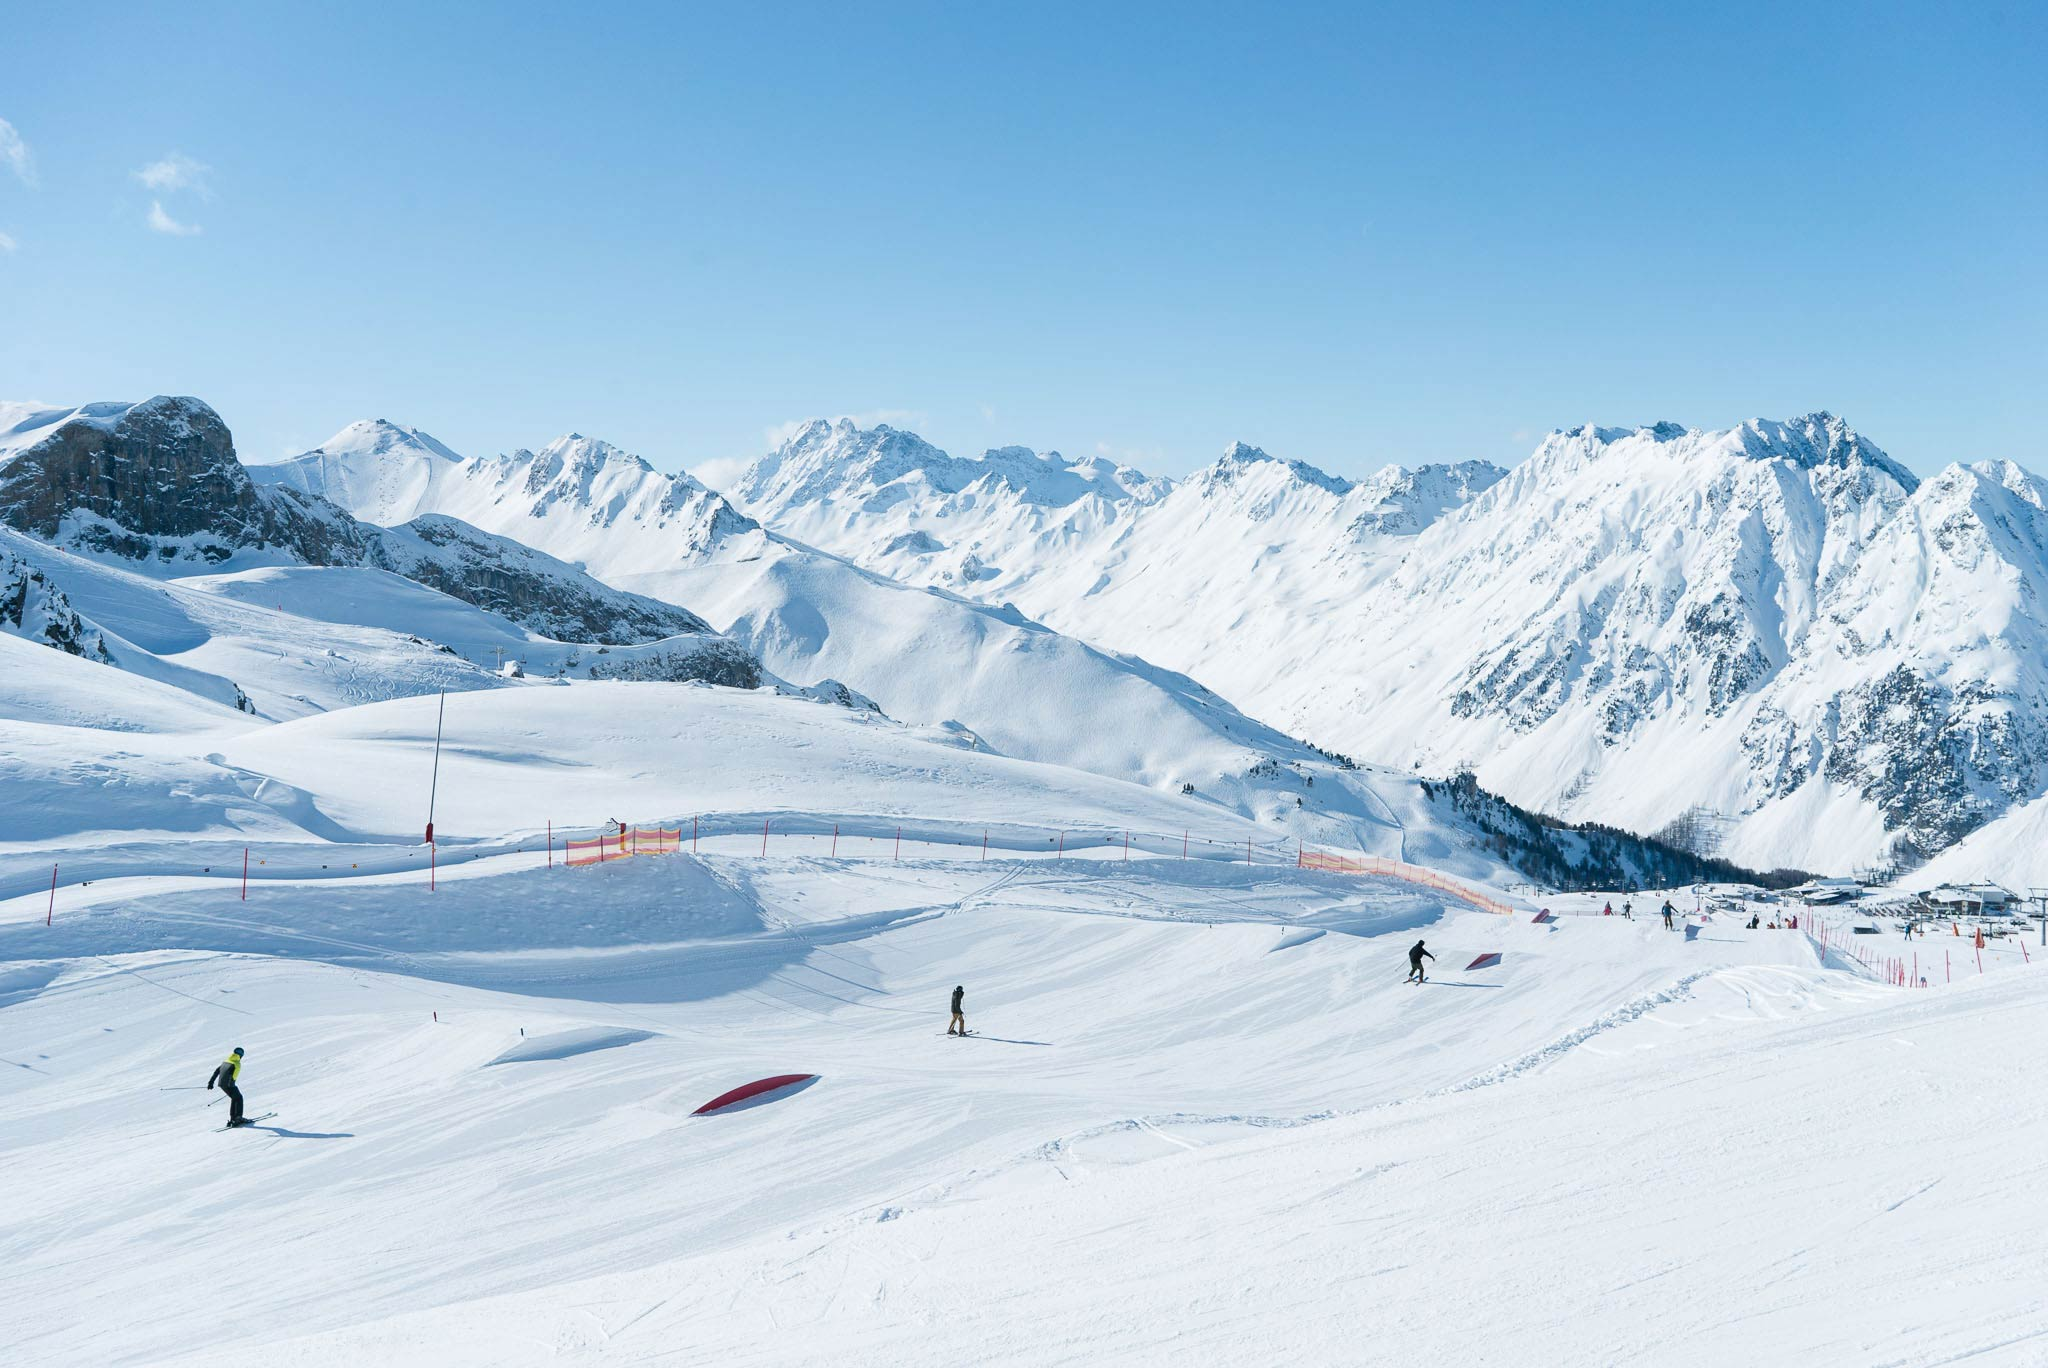 Die ersten Features im neuen Snowpark Ischgl von Schneestern: Ein paar (sehr) kleine Jumps, die wirklich jeder fahren kann, sowie Butter Boxen